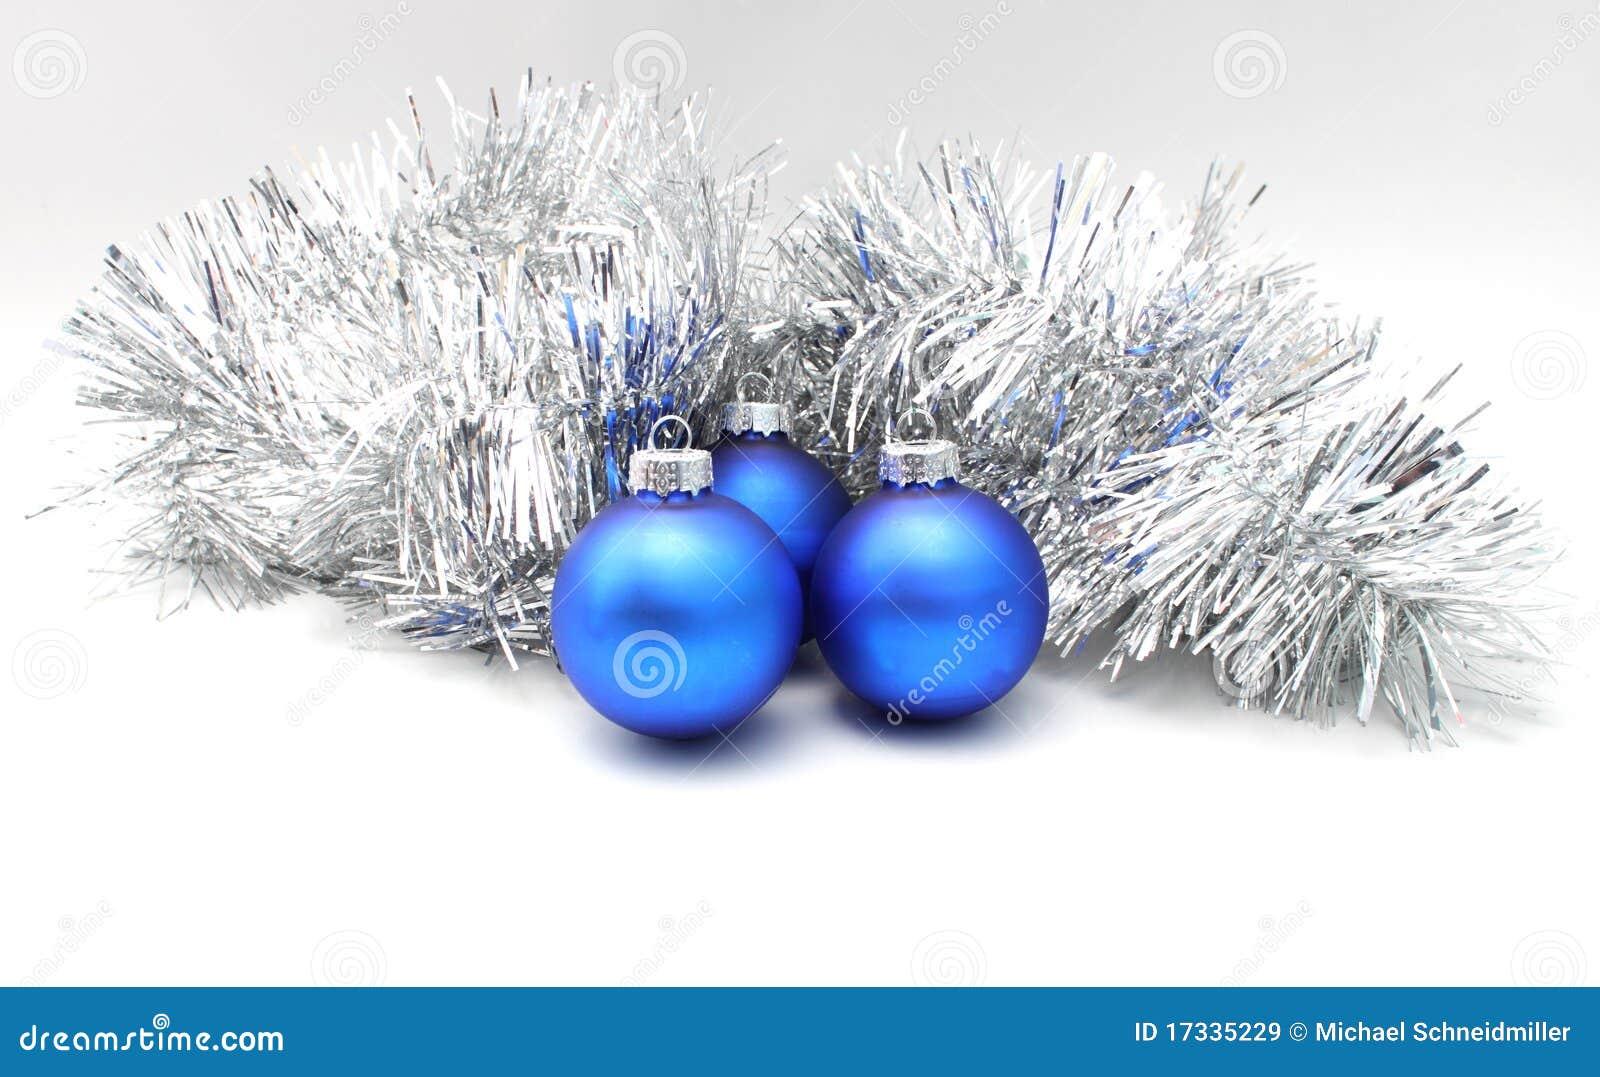 Weihnachtskugeln blau stockbild bild von kalt for Weihnachtskugeln bilder